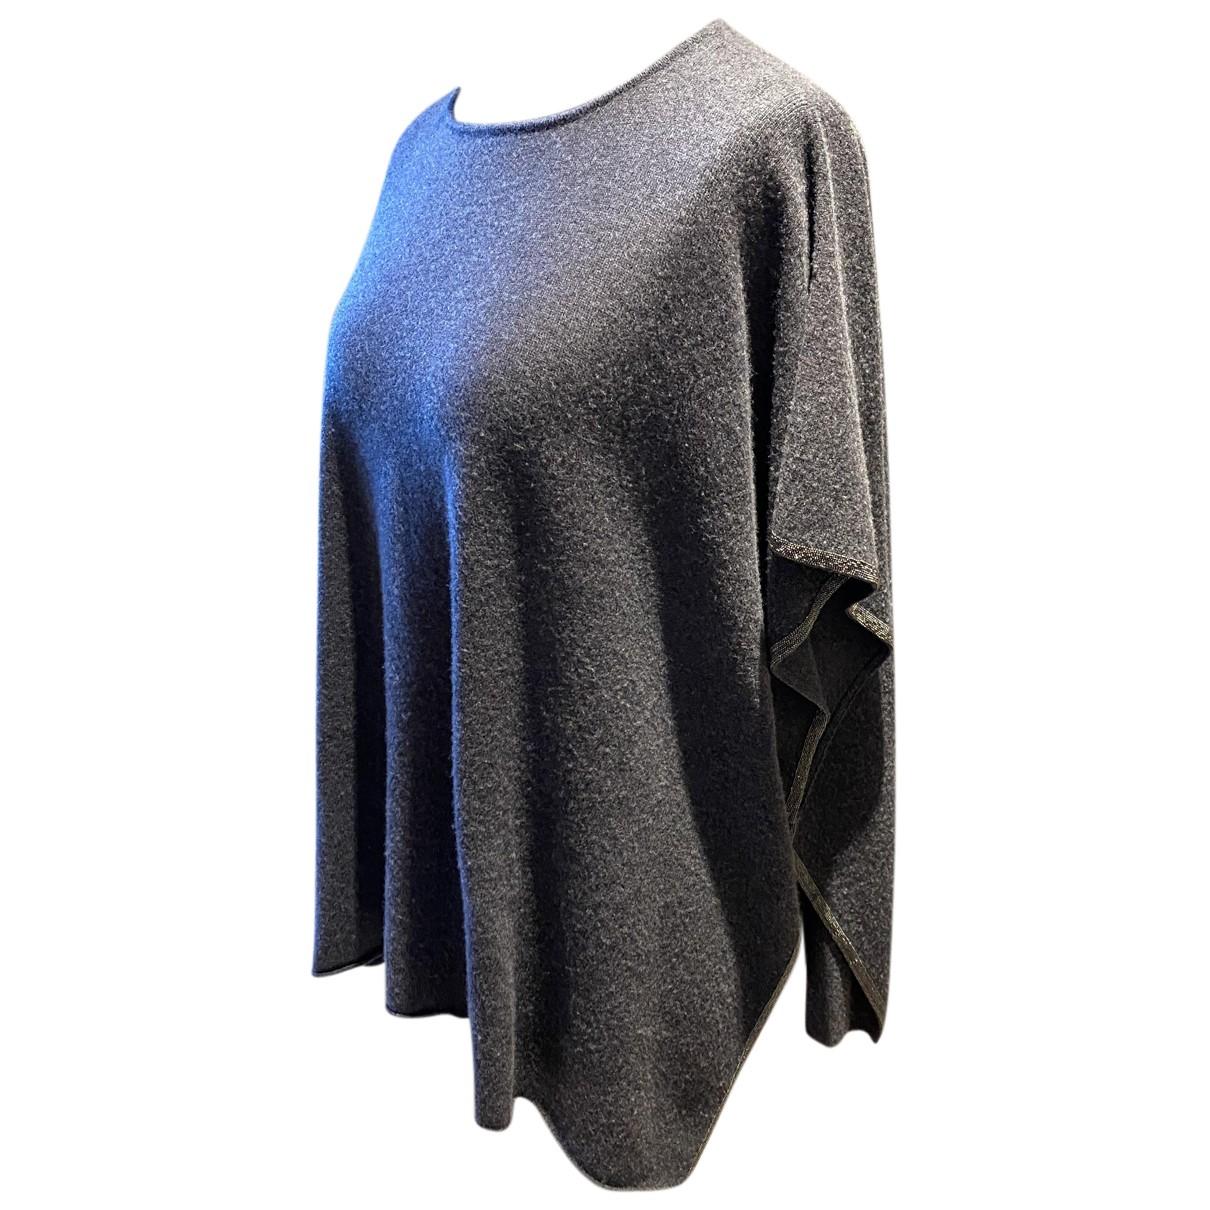 Fabiana Filippi N Grey Wool Knitwear for Women One Size 0-5